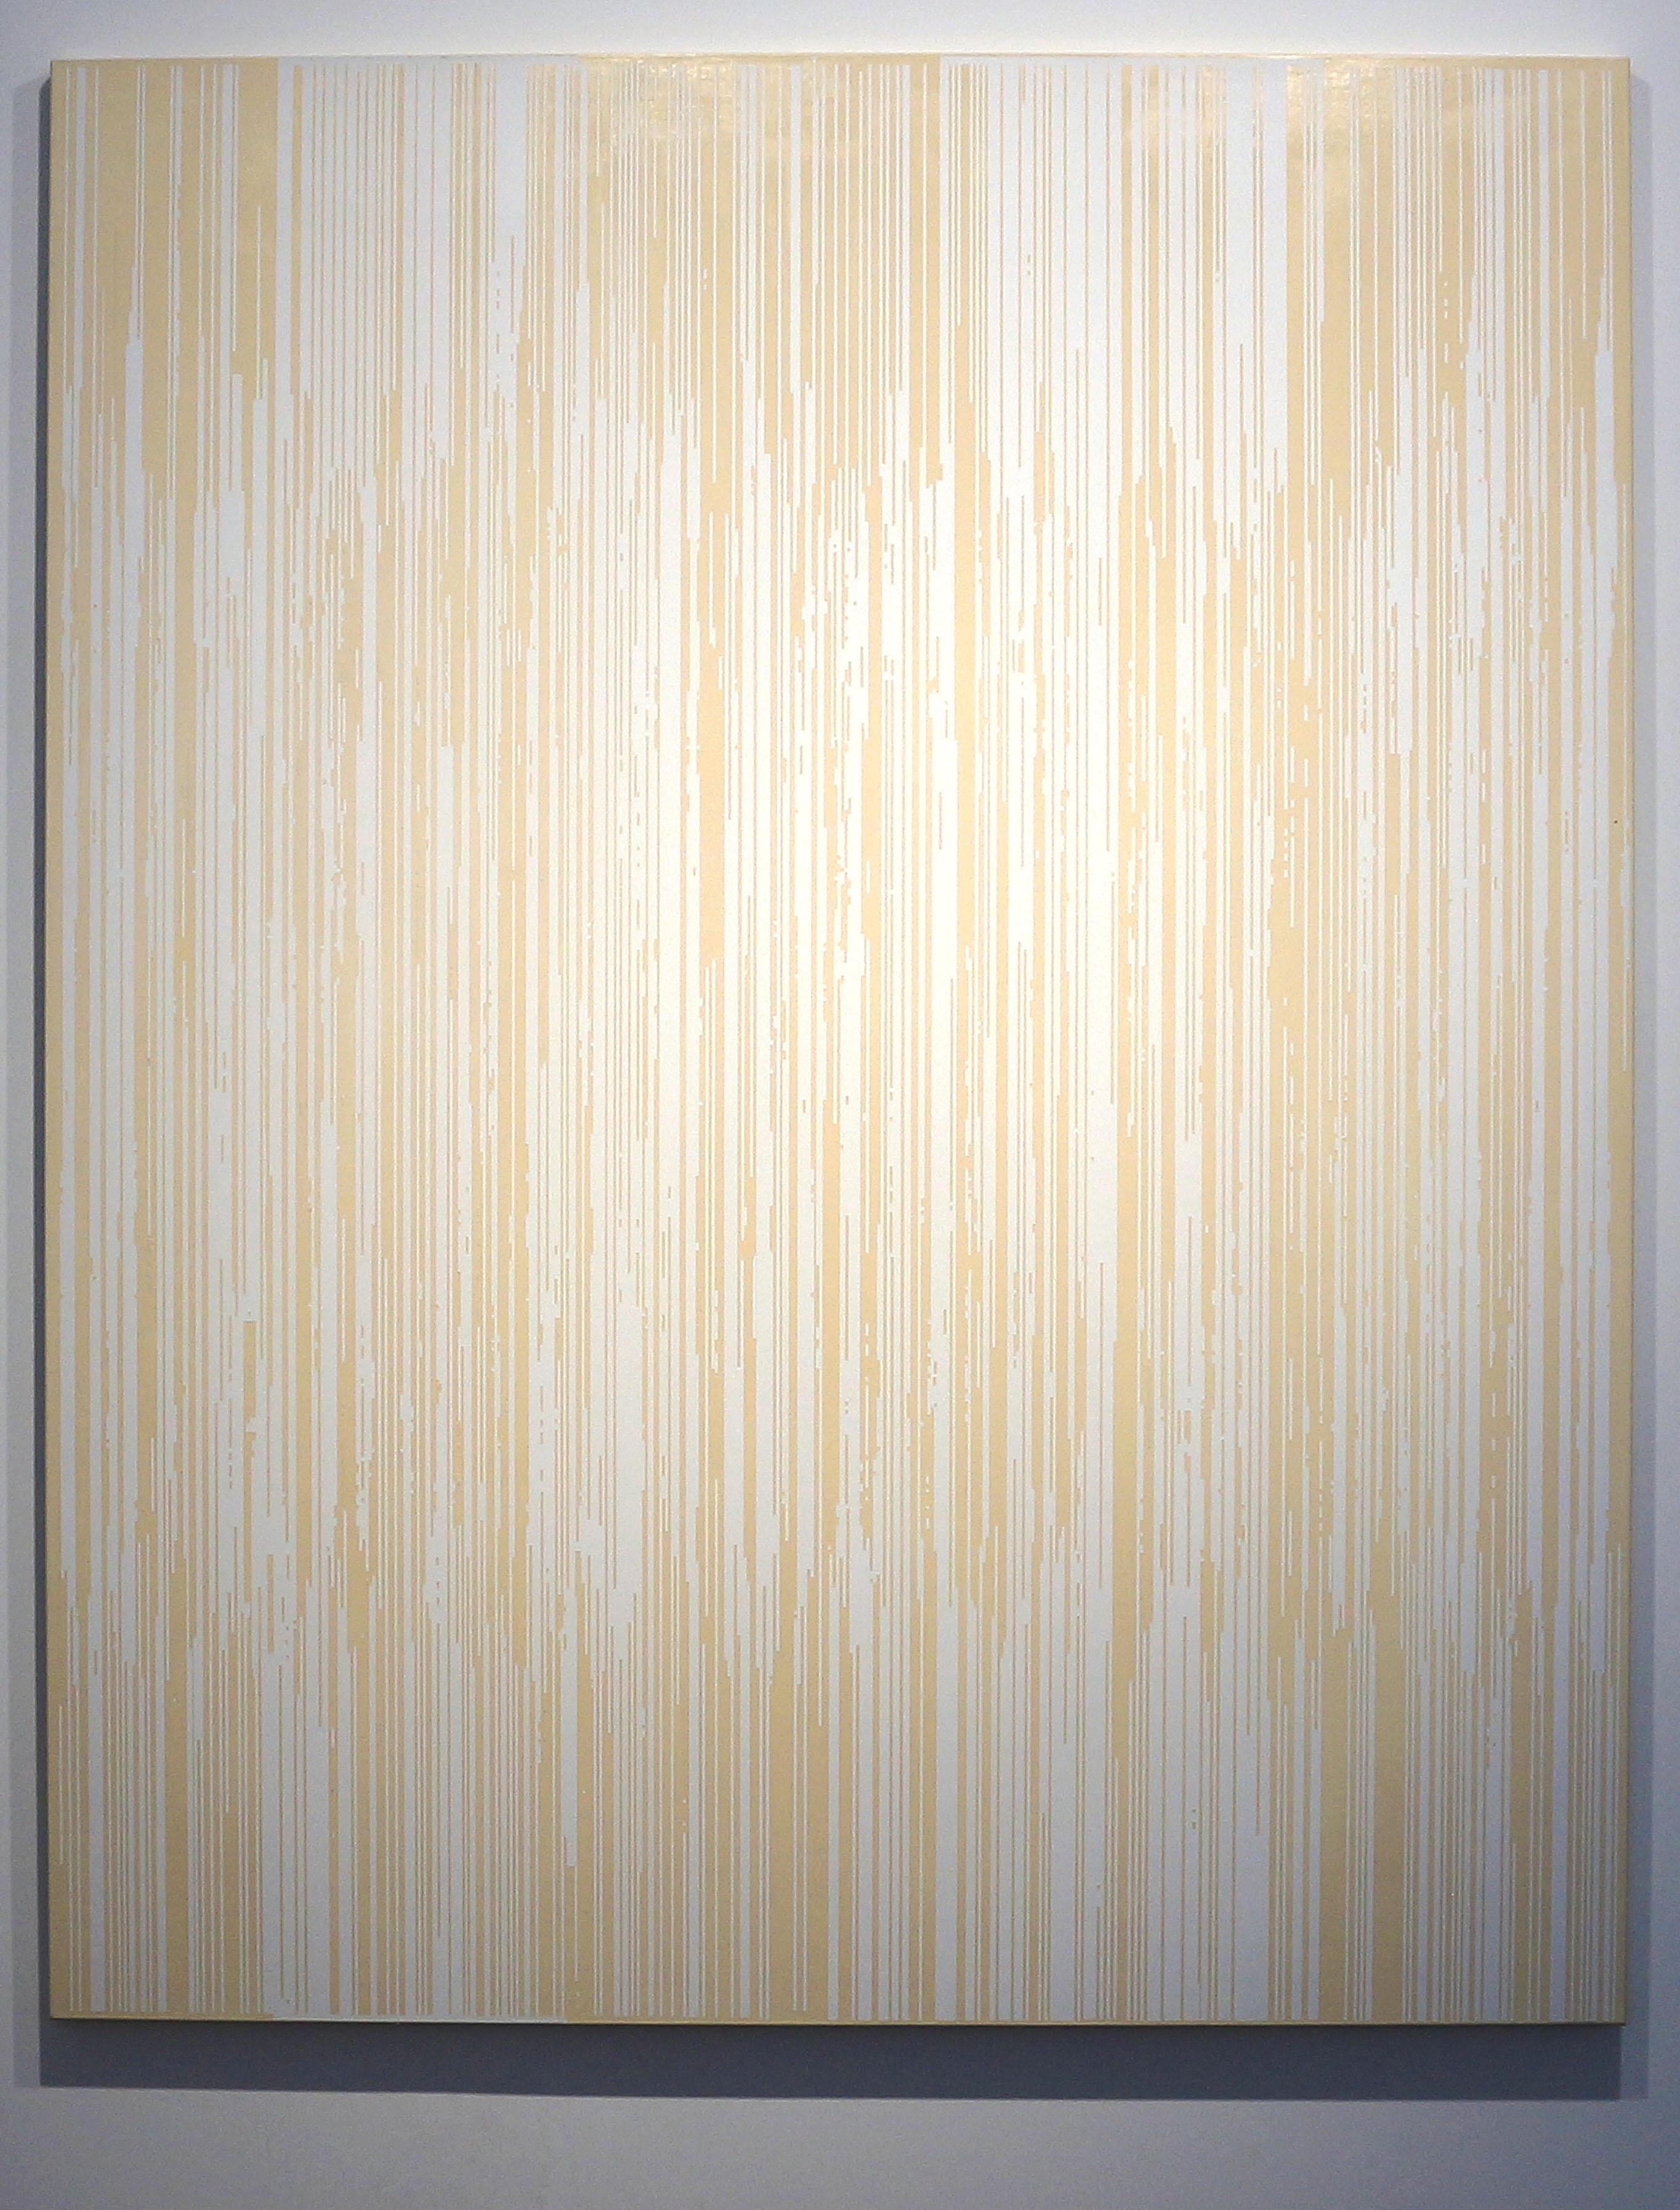 J. PARK_2016 Maze-201651242_Acrylic on canvas_162.2x130.3cm